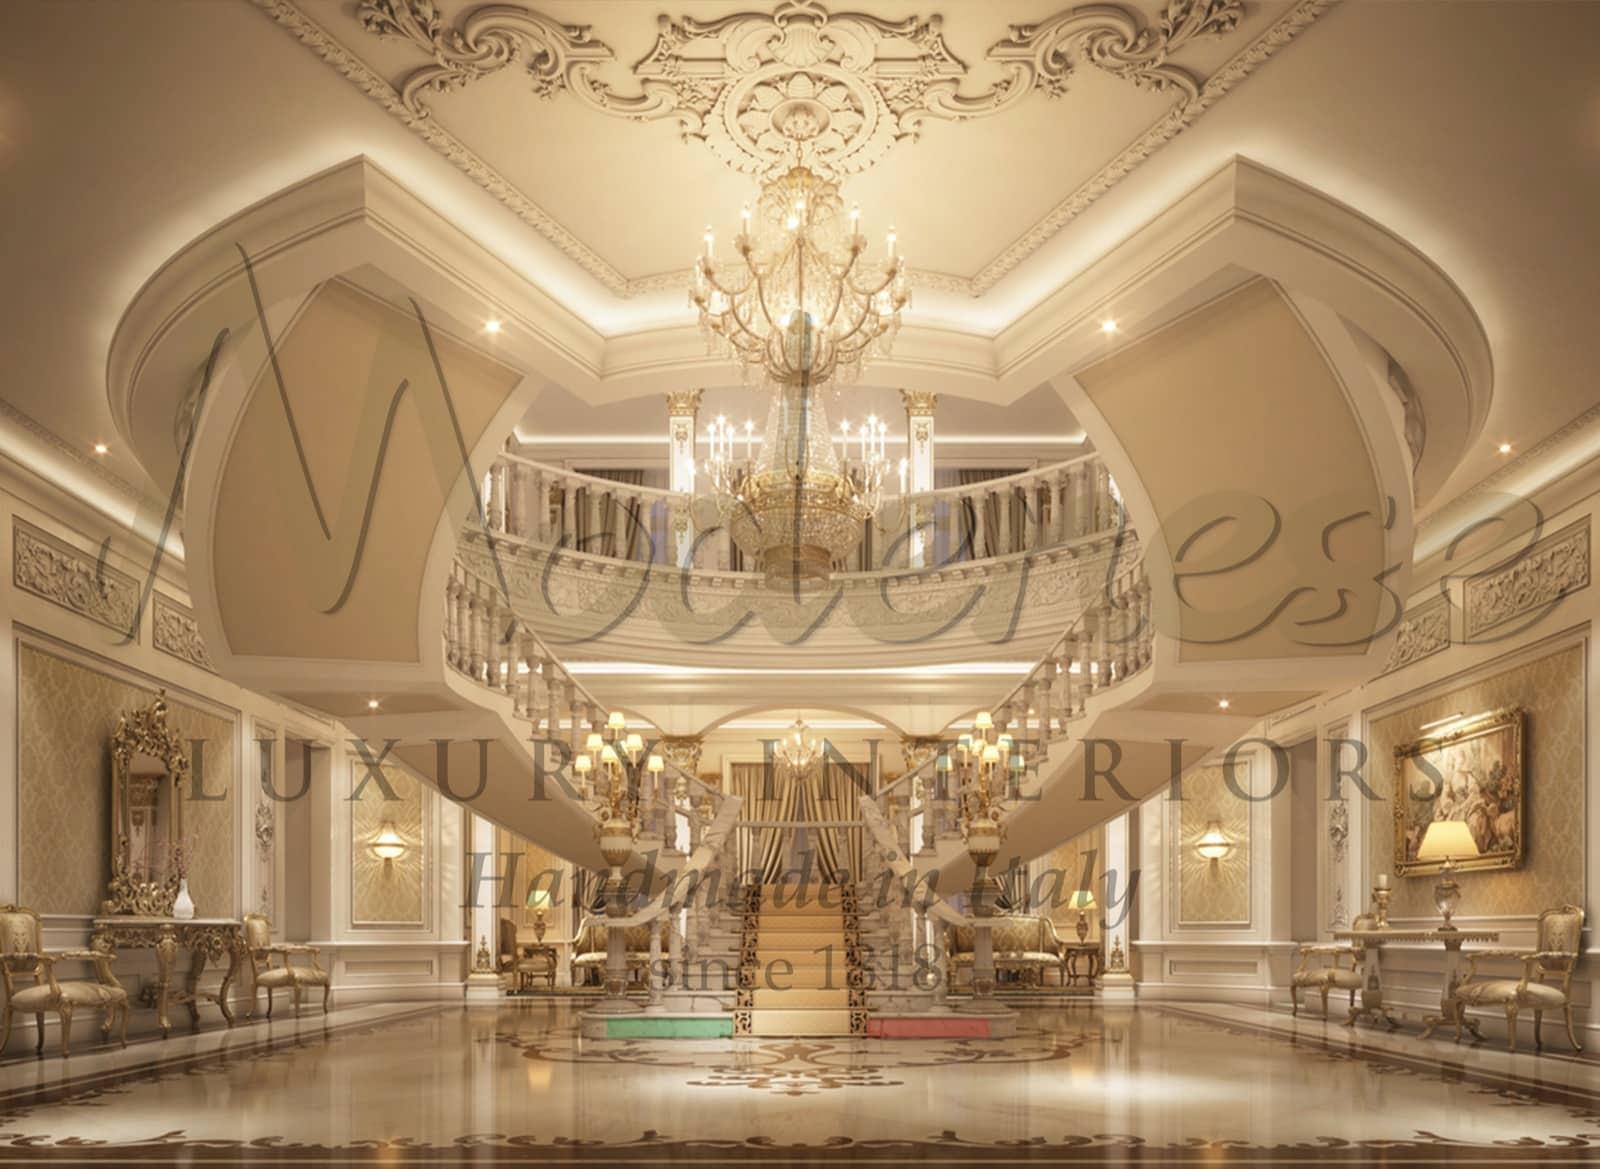 королевская вилла, жилой дворец, окончательная концепция дизайна, рендеринг, лучшие итальянские дизайнеры, архитекторы, дизайн интерьера, студия, проекты, консультирование, сделано в Италии, производство, высококачественная классическая роскошная мебель, интерьеры, элегантный вкус, вход домой, мраморная лестница, люстра, классический стиль, барокко